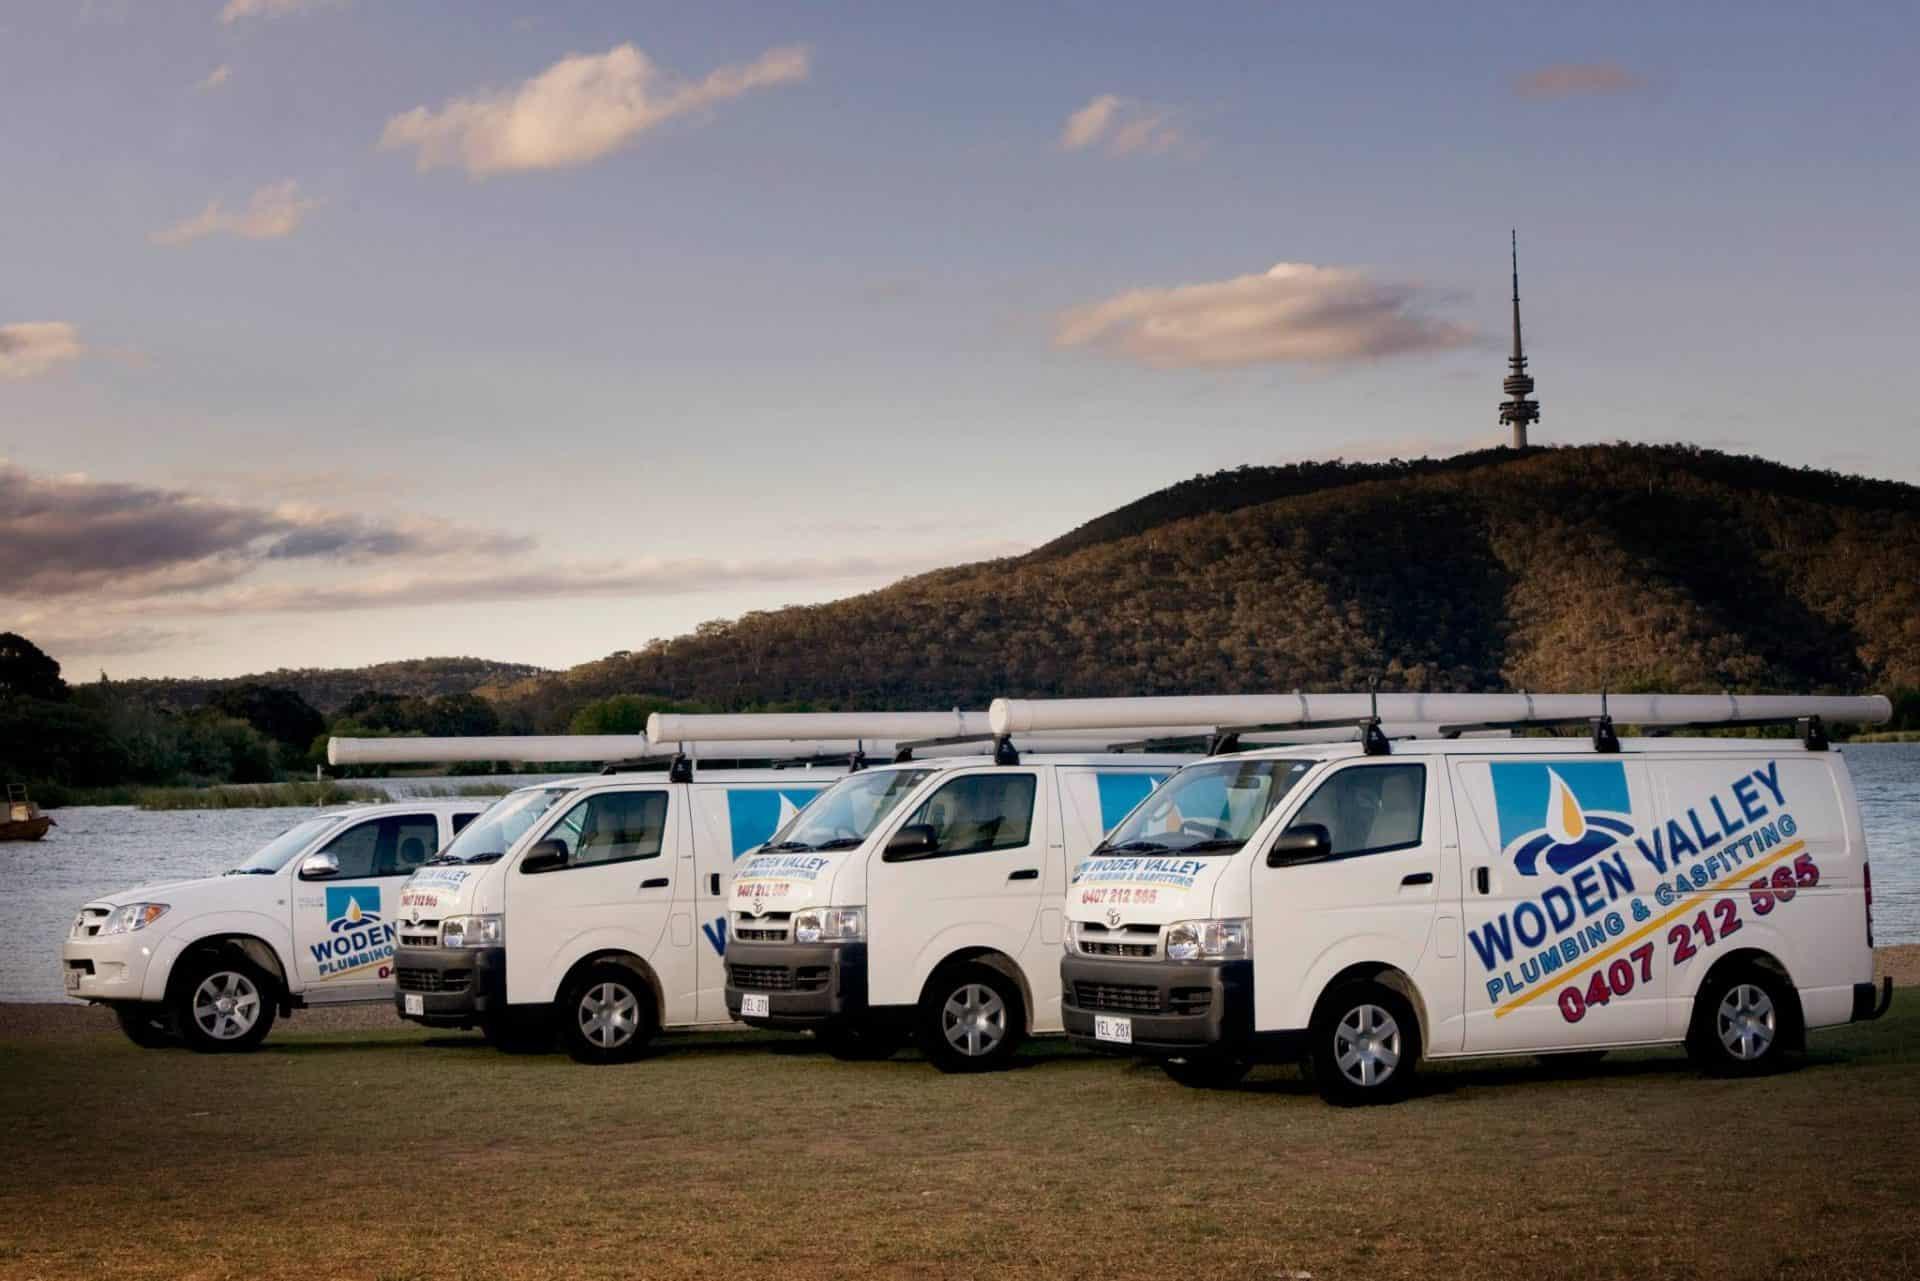 Queanbeyan plumbing vans